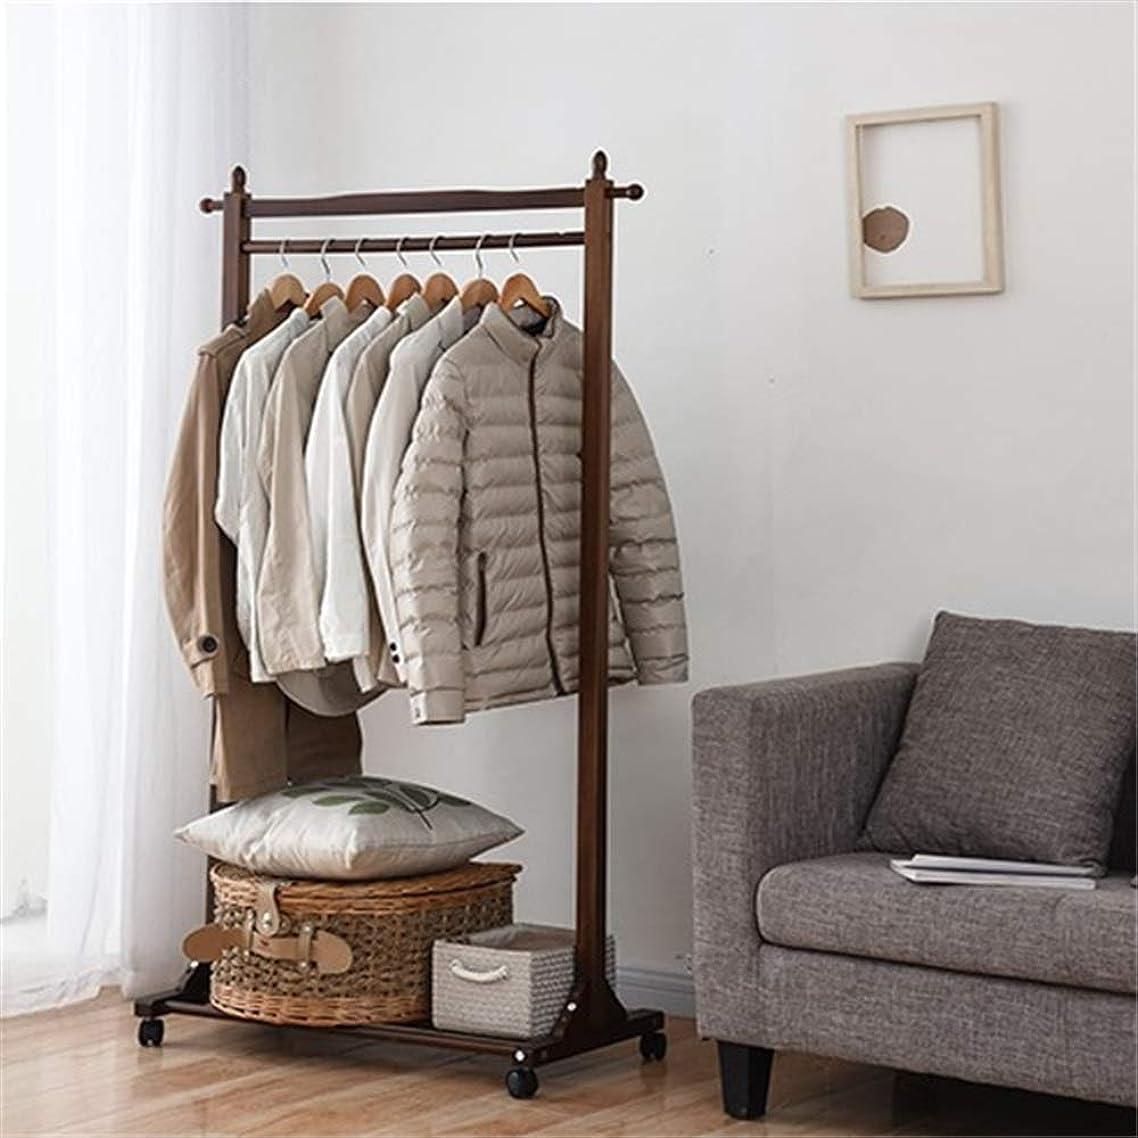 農場制裁ヘッドレスコートラック 純木の簡単なハンガーの床の家の簡単な現代寝室の棚 傘立て付きフロアキャップとコートラック (色 : 褐色, サイズ : 80x40x157cm)